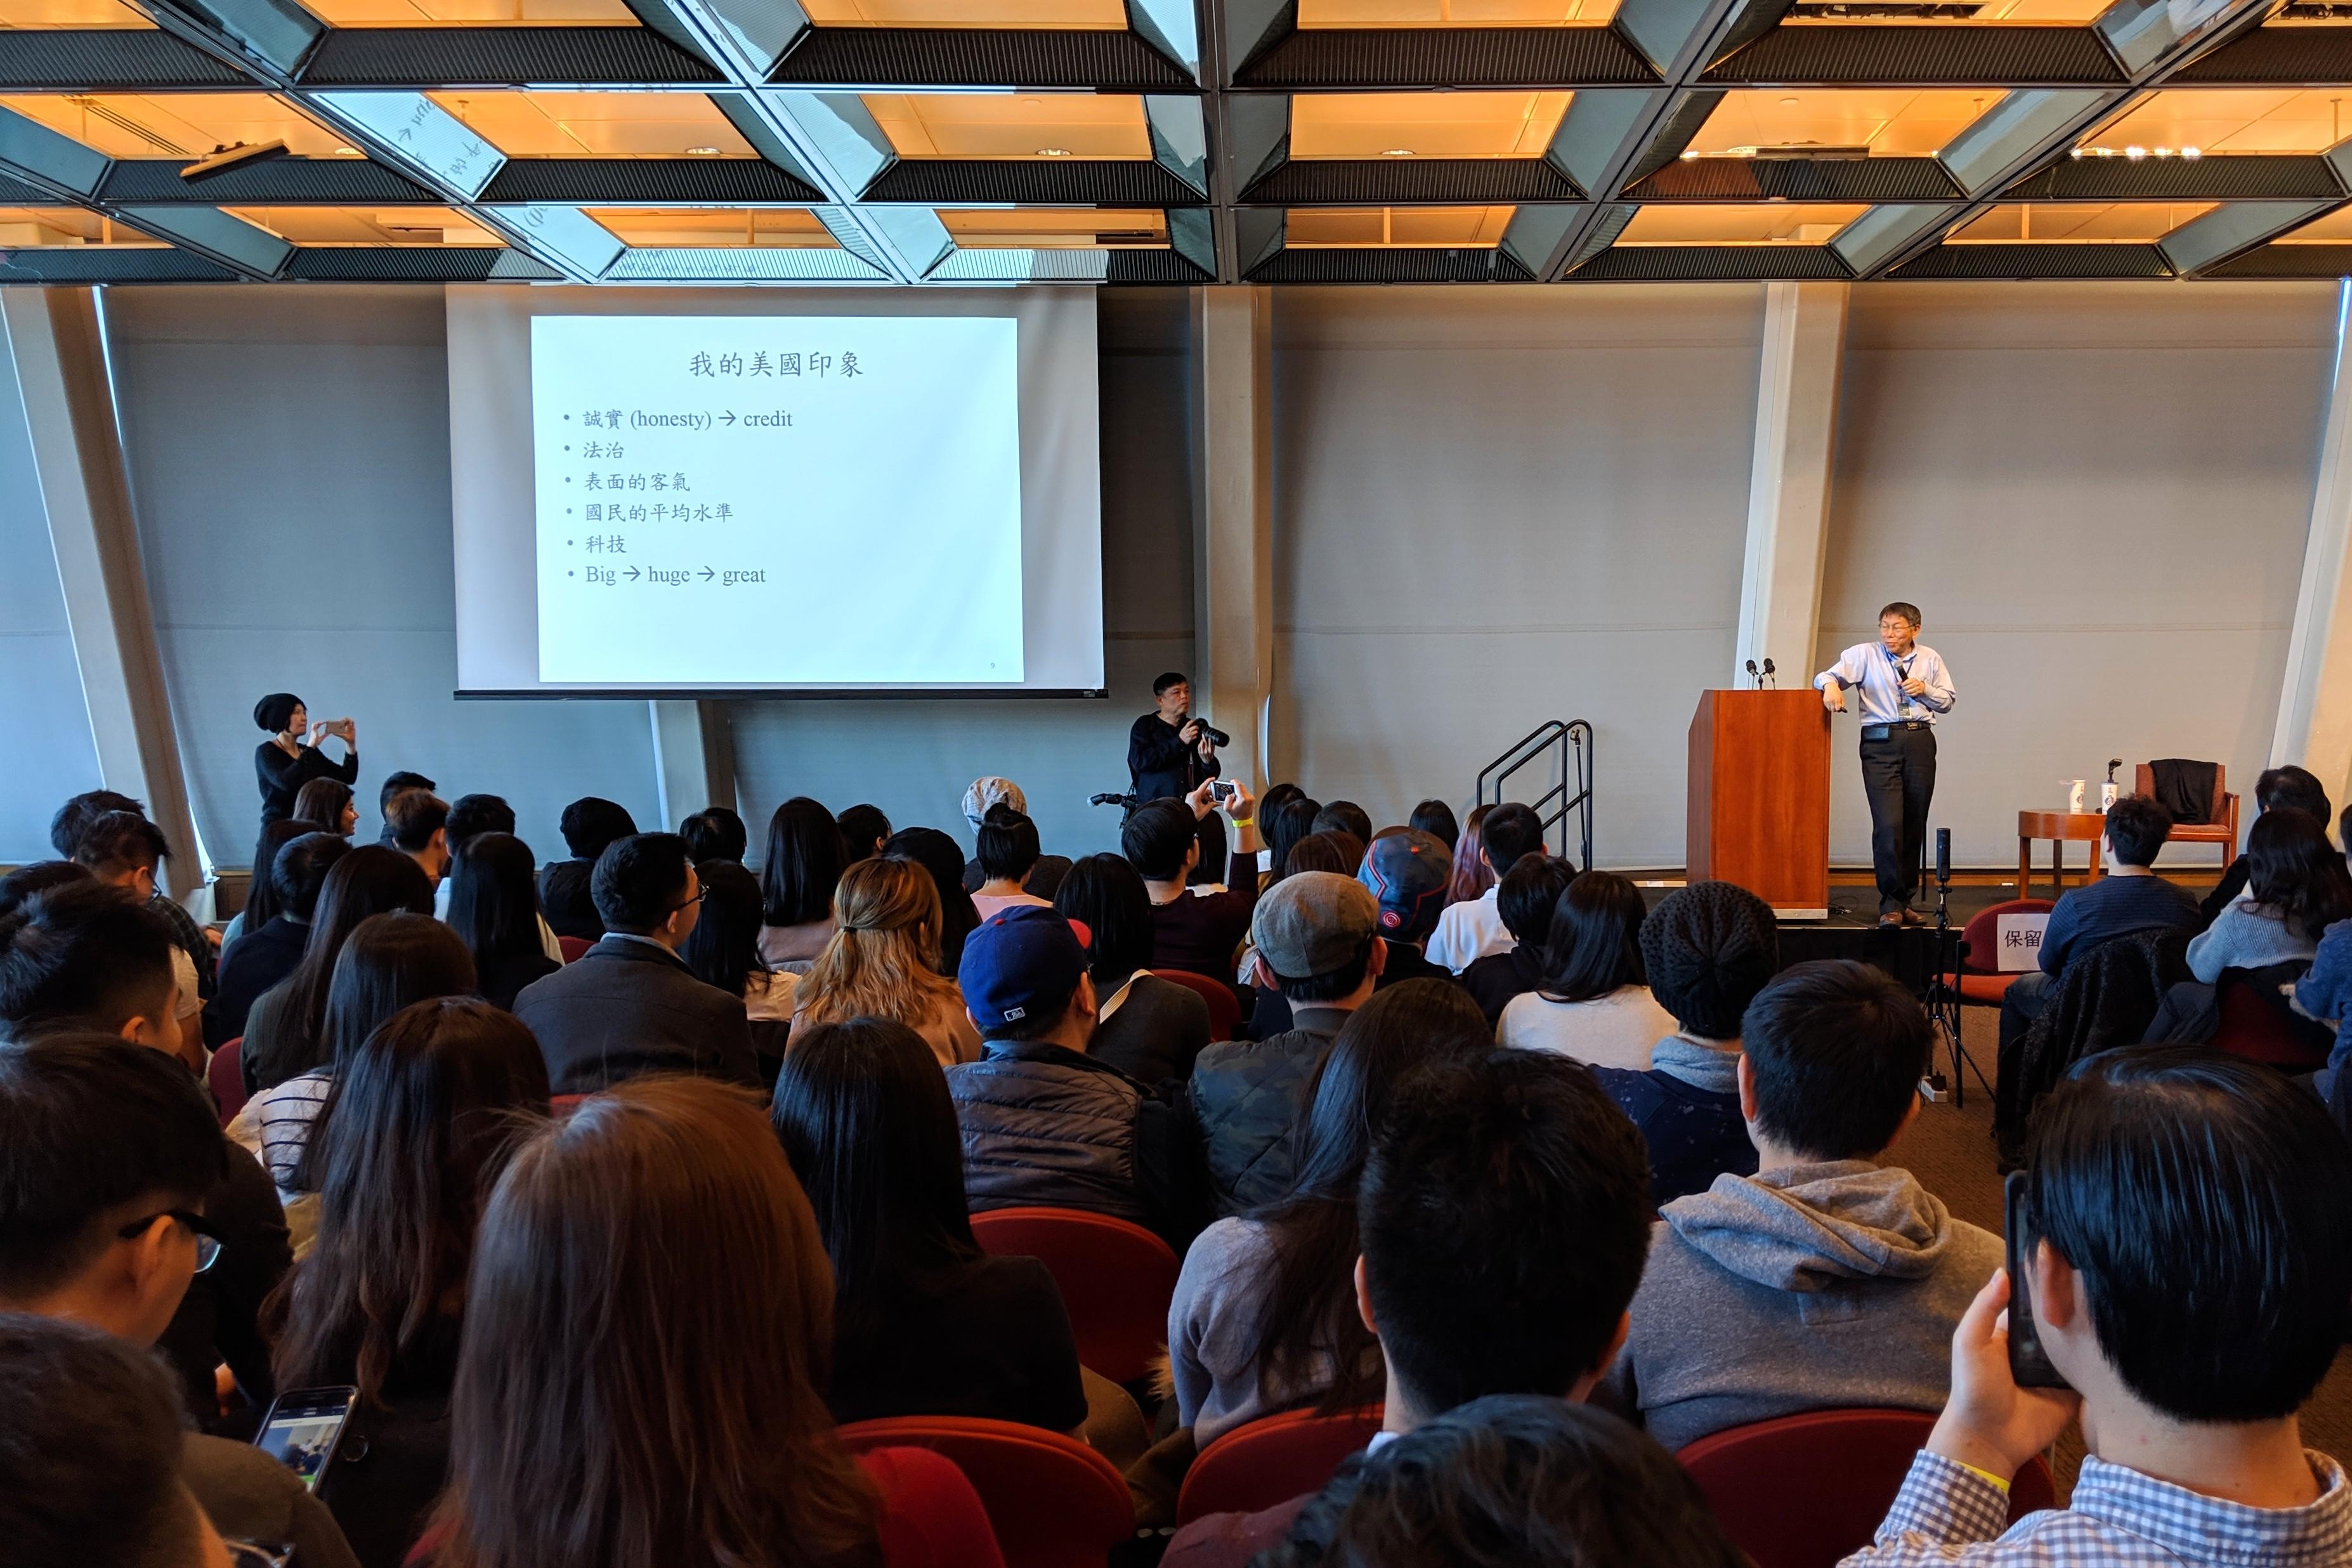 柯文哲市長和大家分享在美國留學的收穫和印象,第一條為「誠實」。(黃小堂/大紀元)